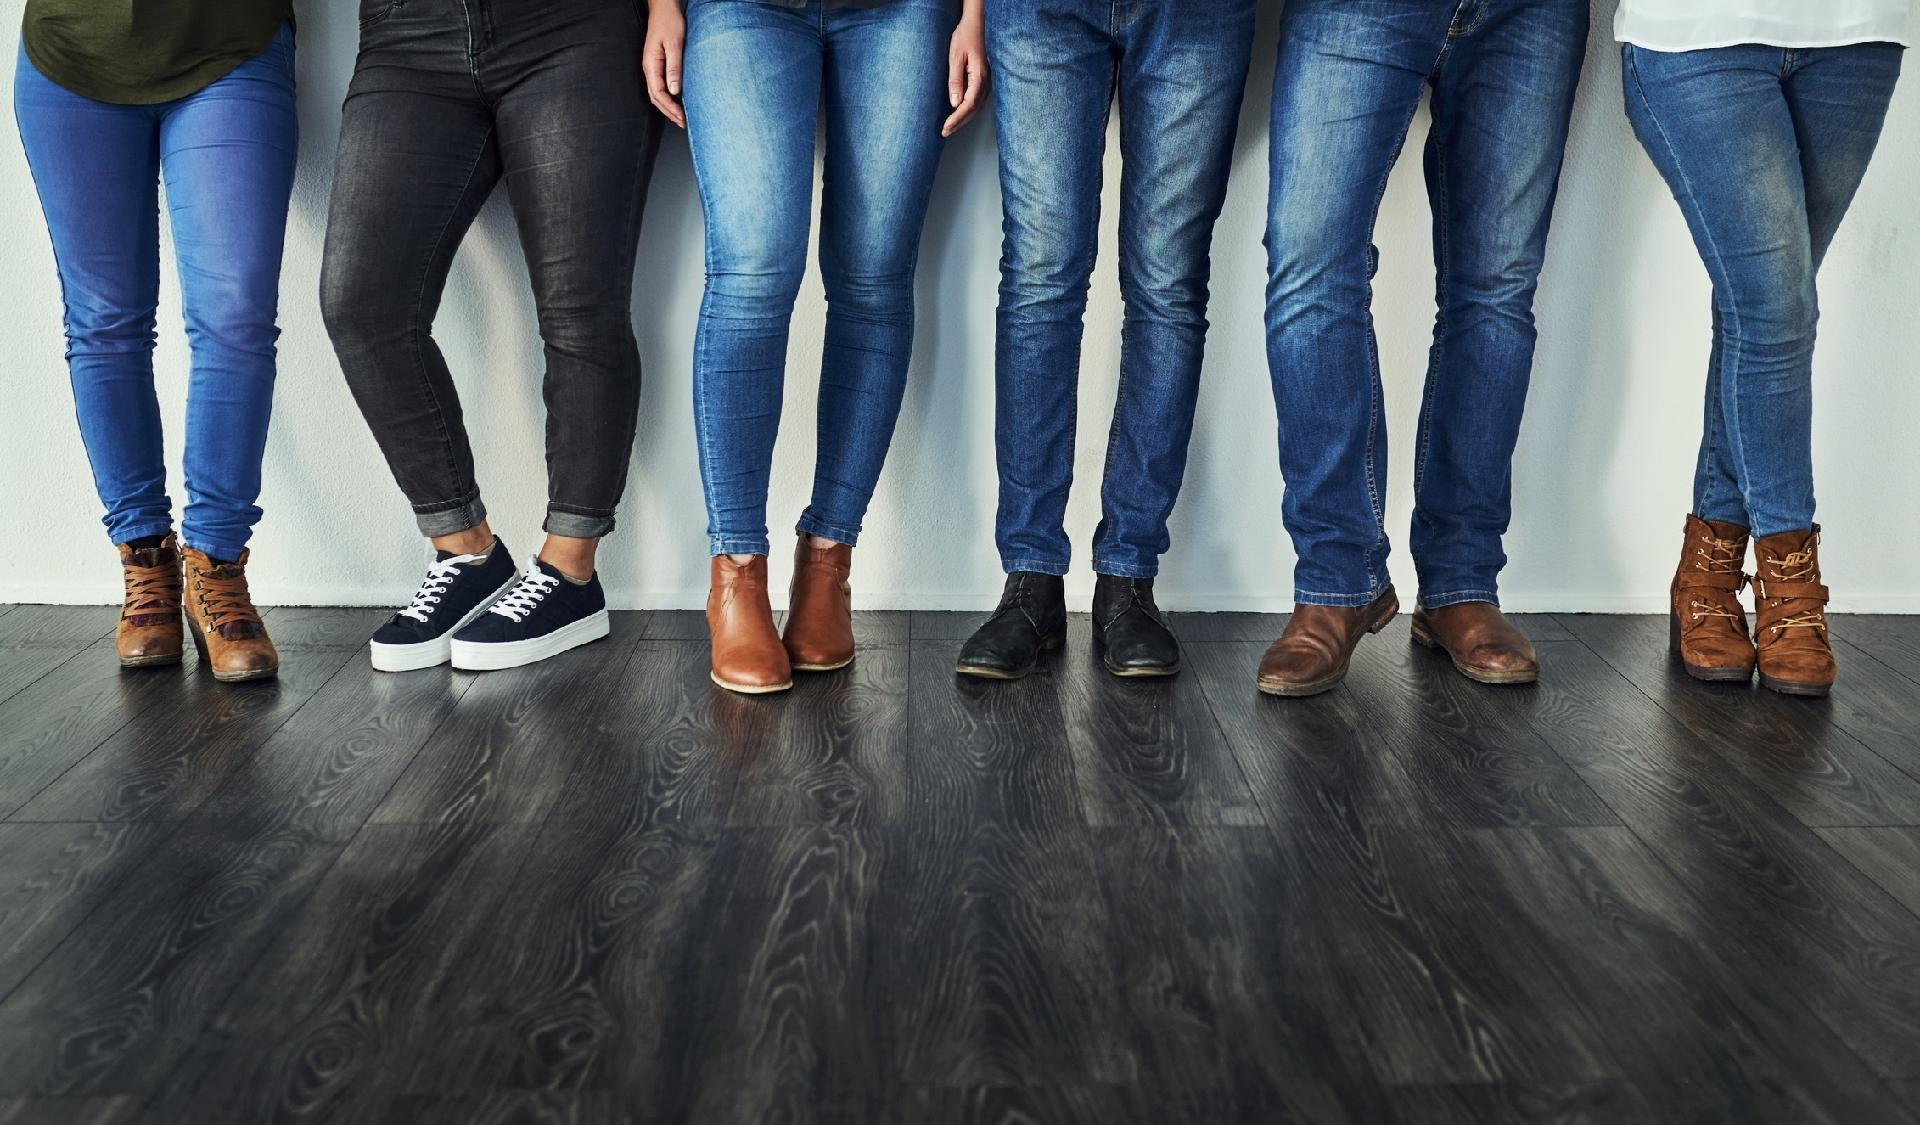 053006d3f9251 Brasileiros compram dois jeans por ano e tecido é queridinho de 92% -  05 12 2018 - UOL Universa